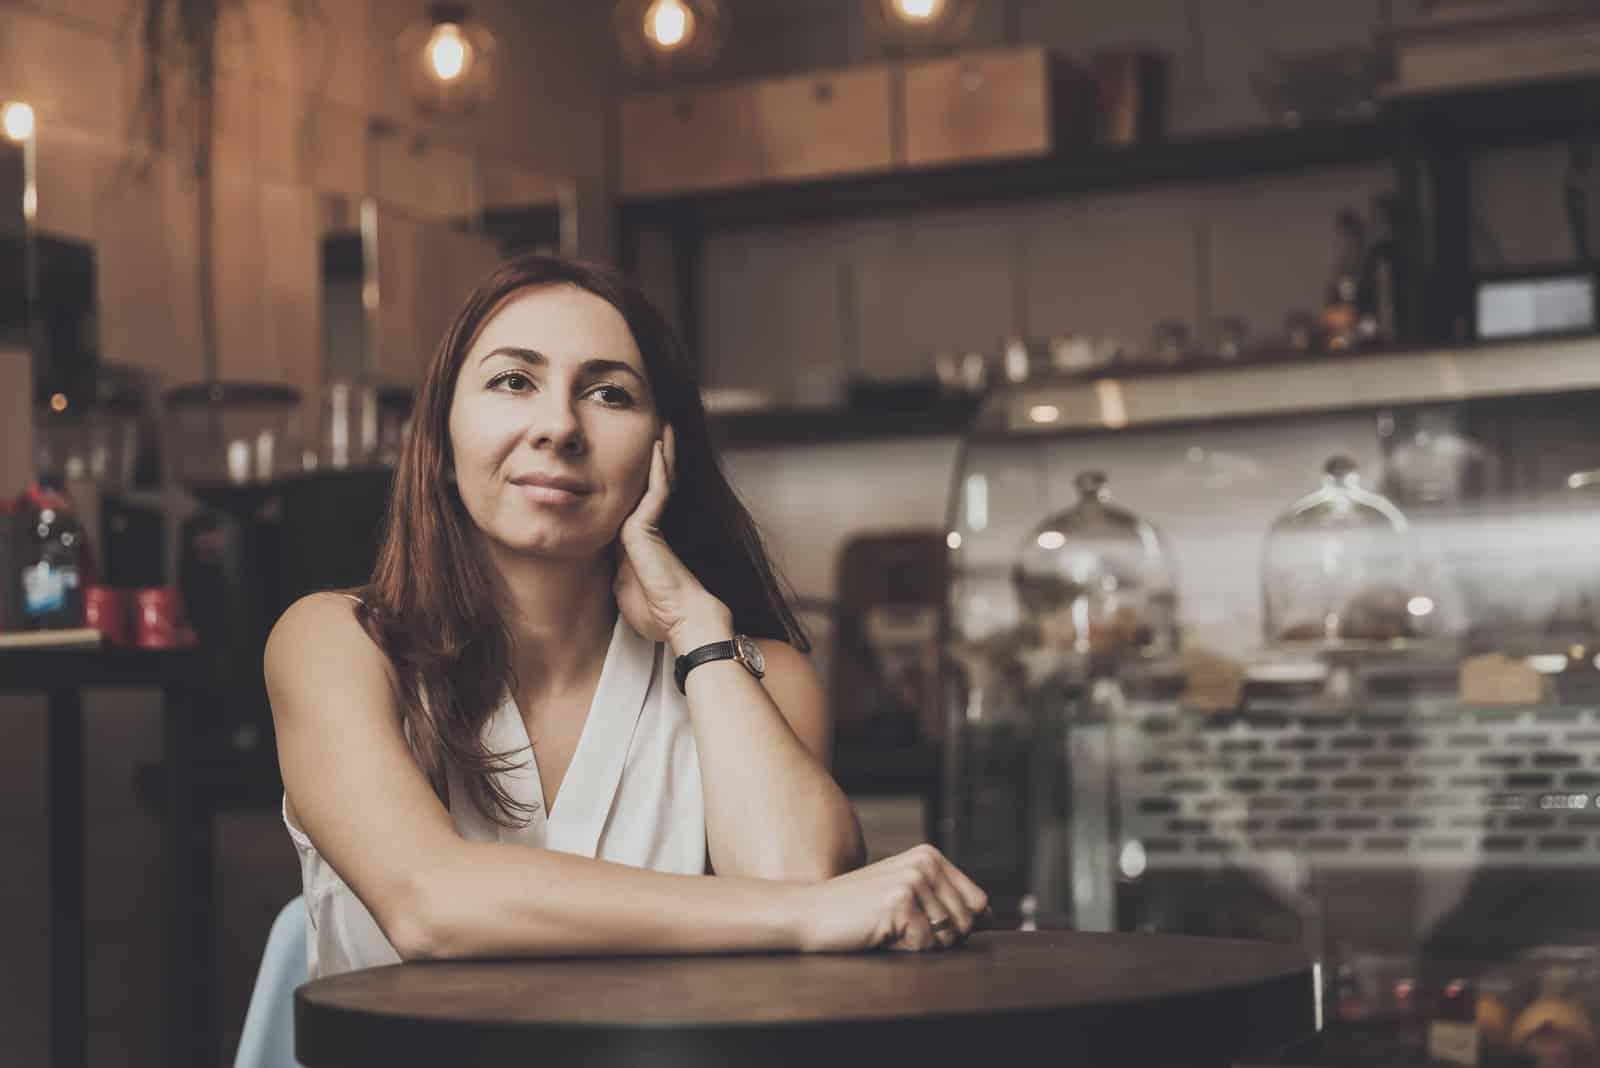 Mädchen sitzt in einem Café und wartet auf einen jungen Mann